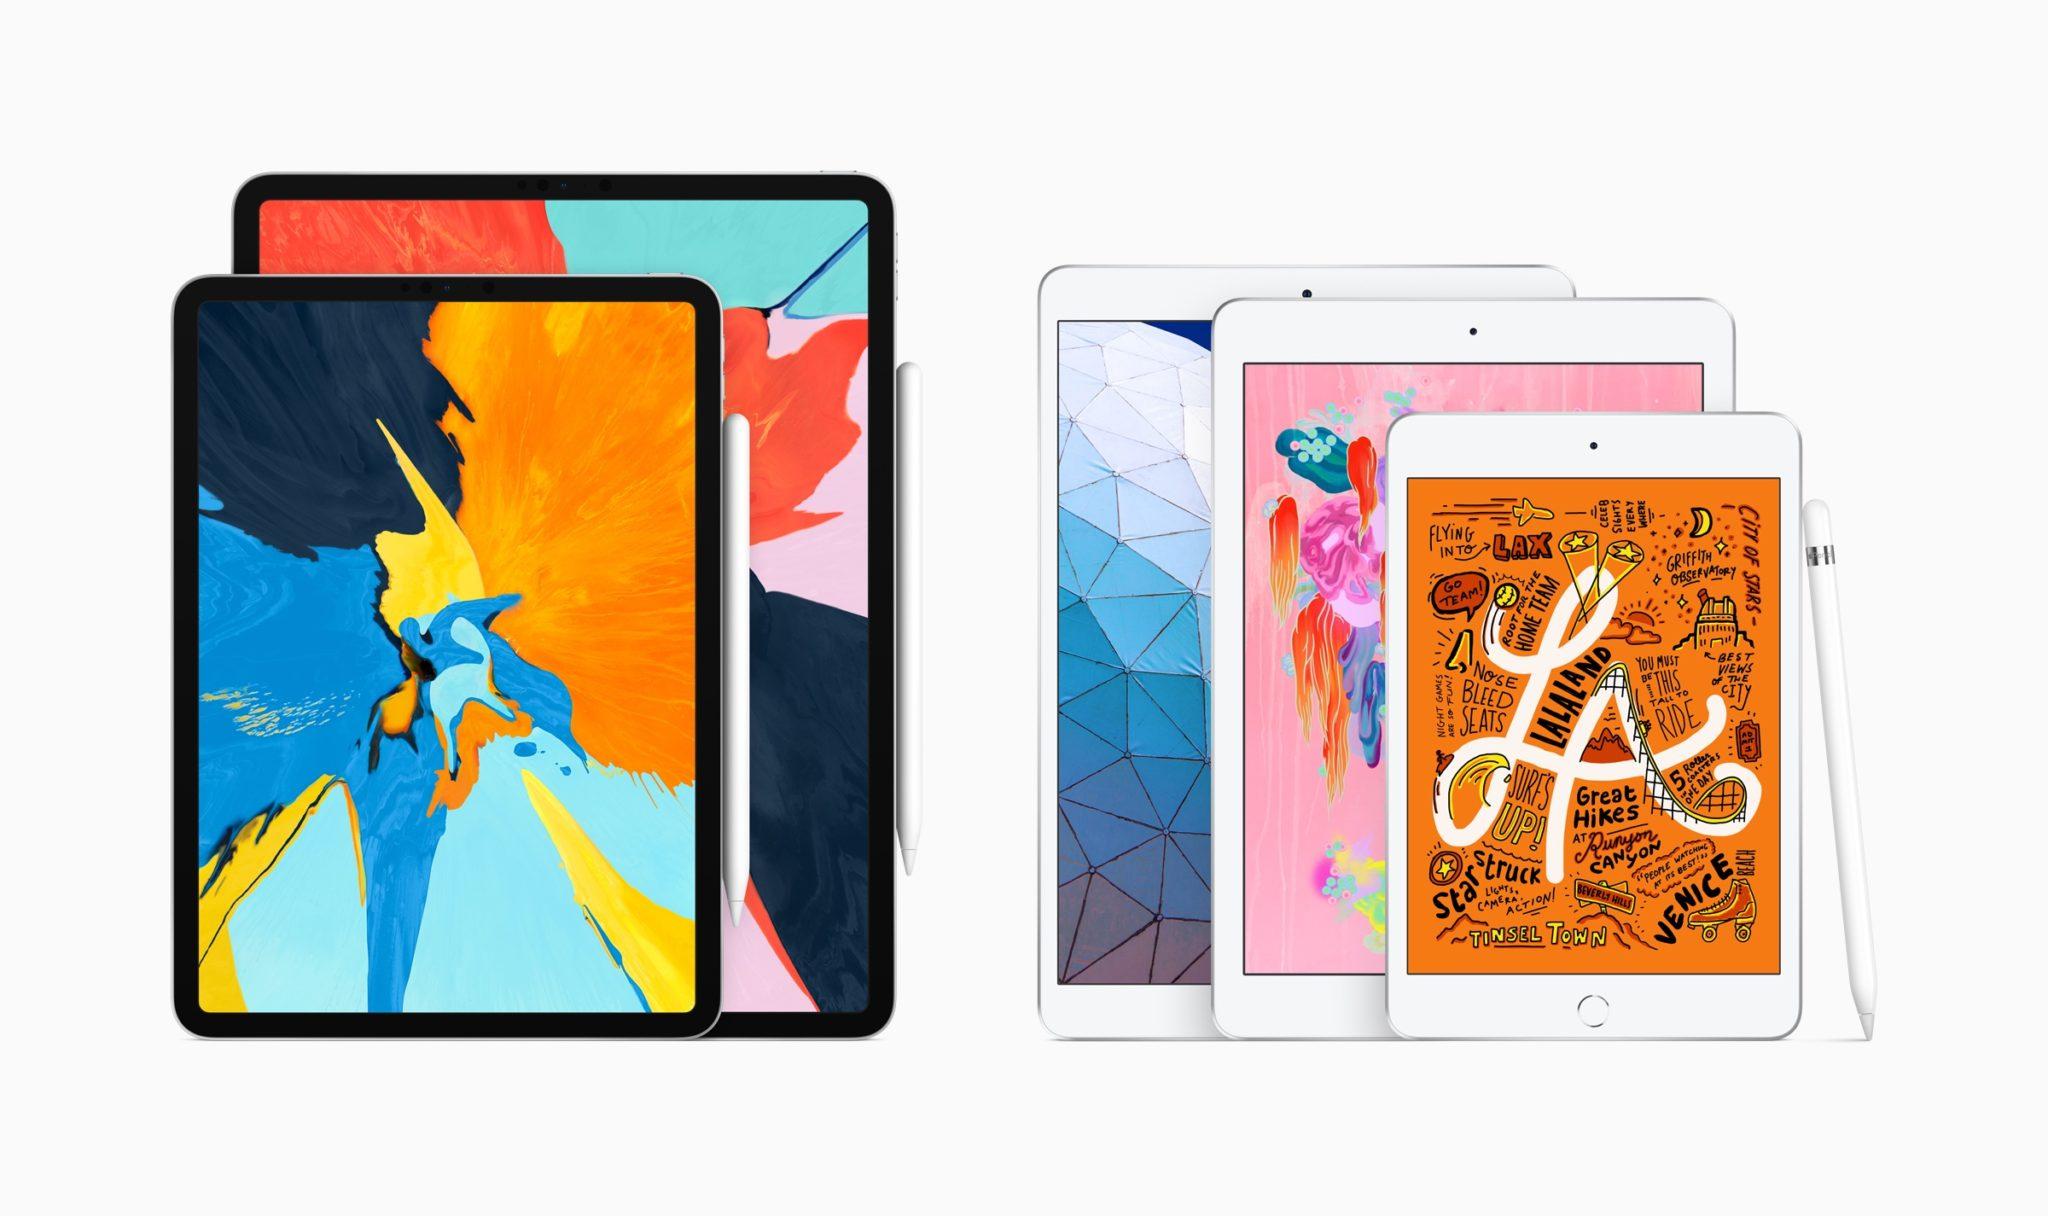 New iPad air and iPad mini with Apple Pencil 03182019 - Týždeň v skratke: nové iPady, rýchlejšie iMacy, AirPods 2 a mnoho ďalšieho